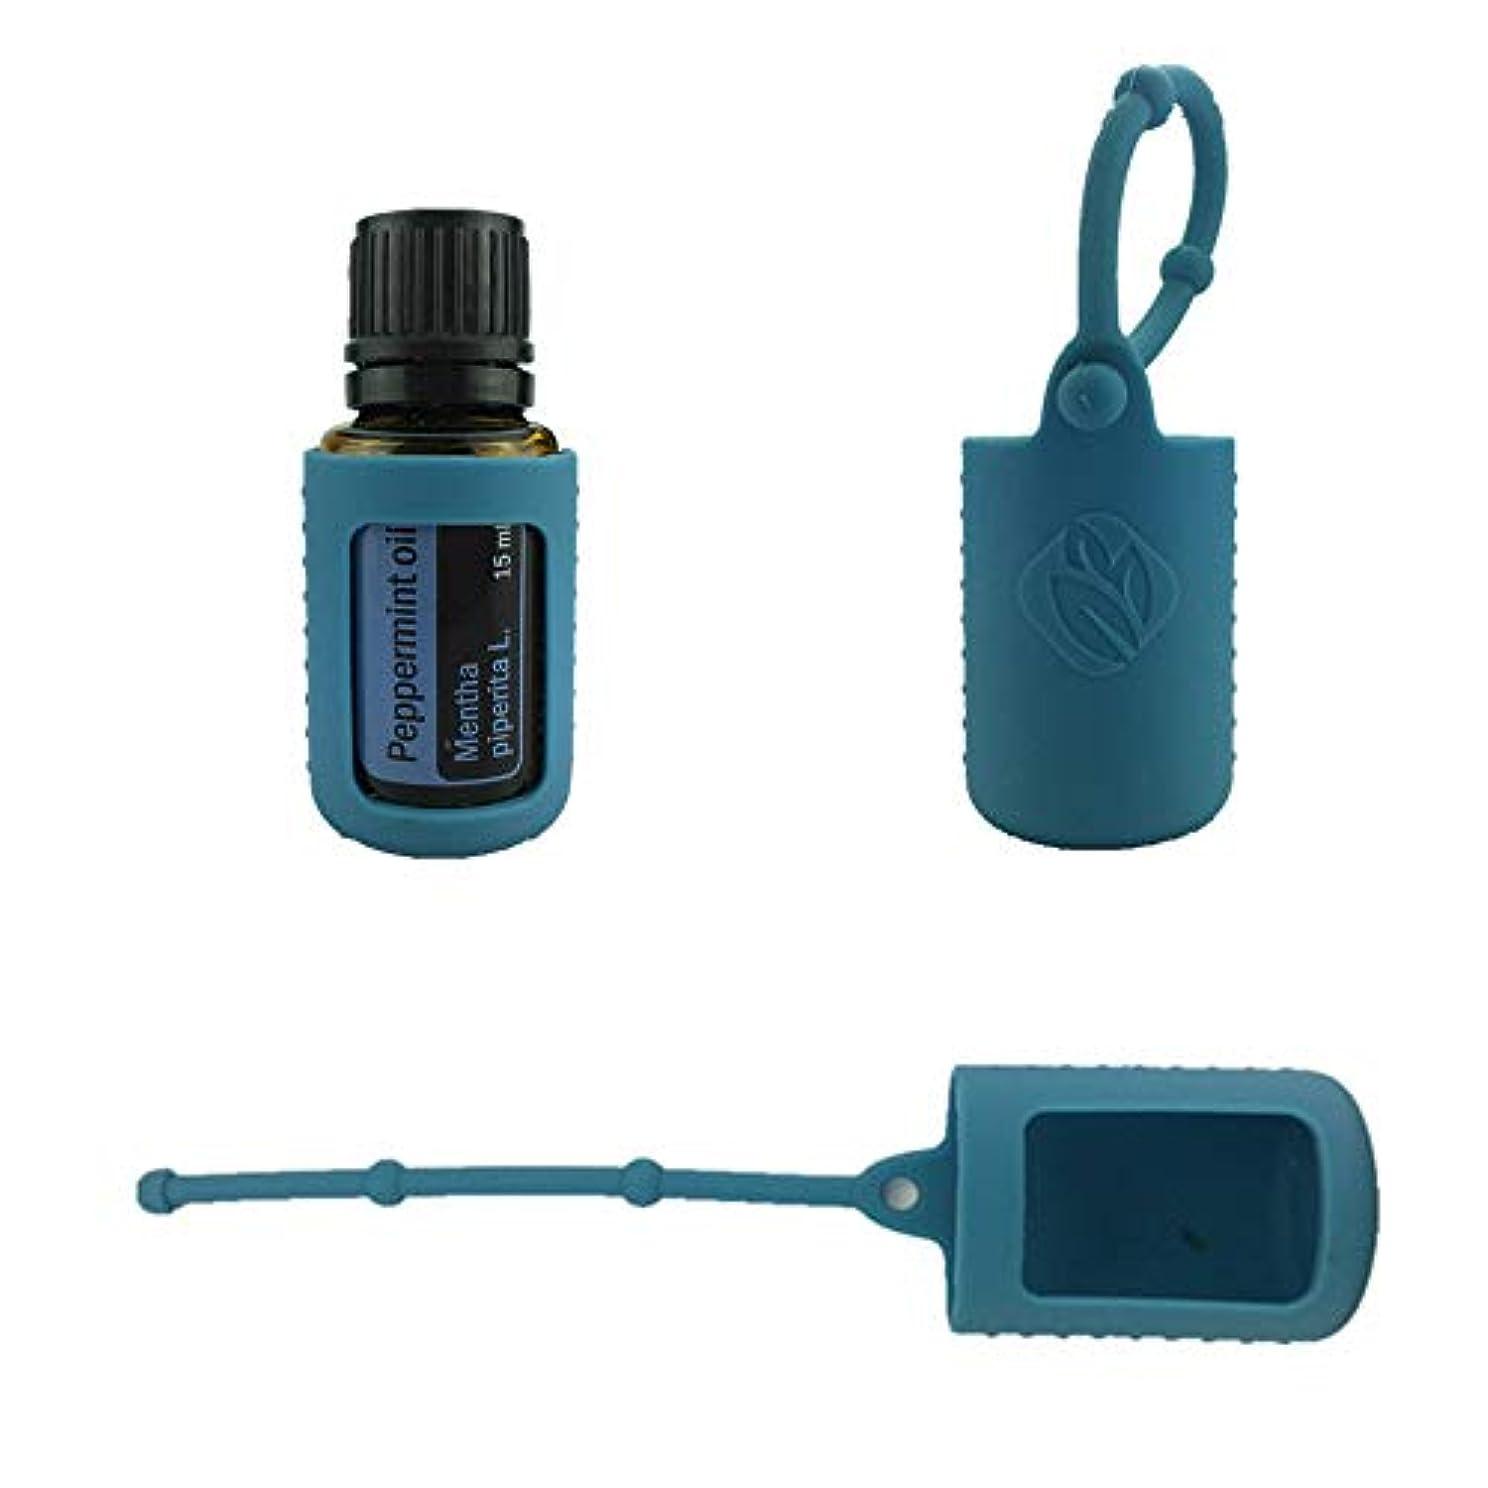 処方する規則性キャベツ6パック熱望オイルボトルシリコンローラーボトルホルダースリーブエッセンシャルオイルボトル保護カバーケースハングロープ - ダンク ブルー - 6-pcs 5ml